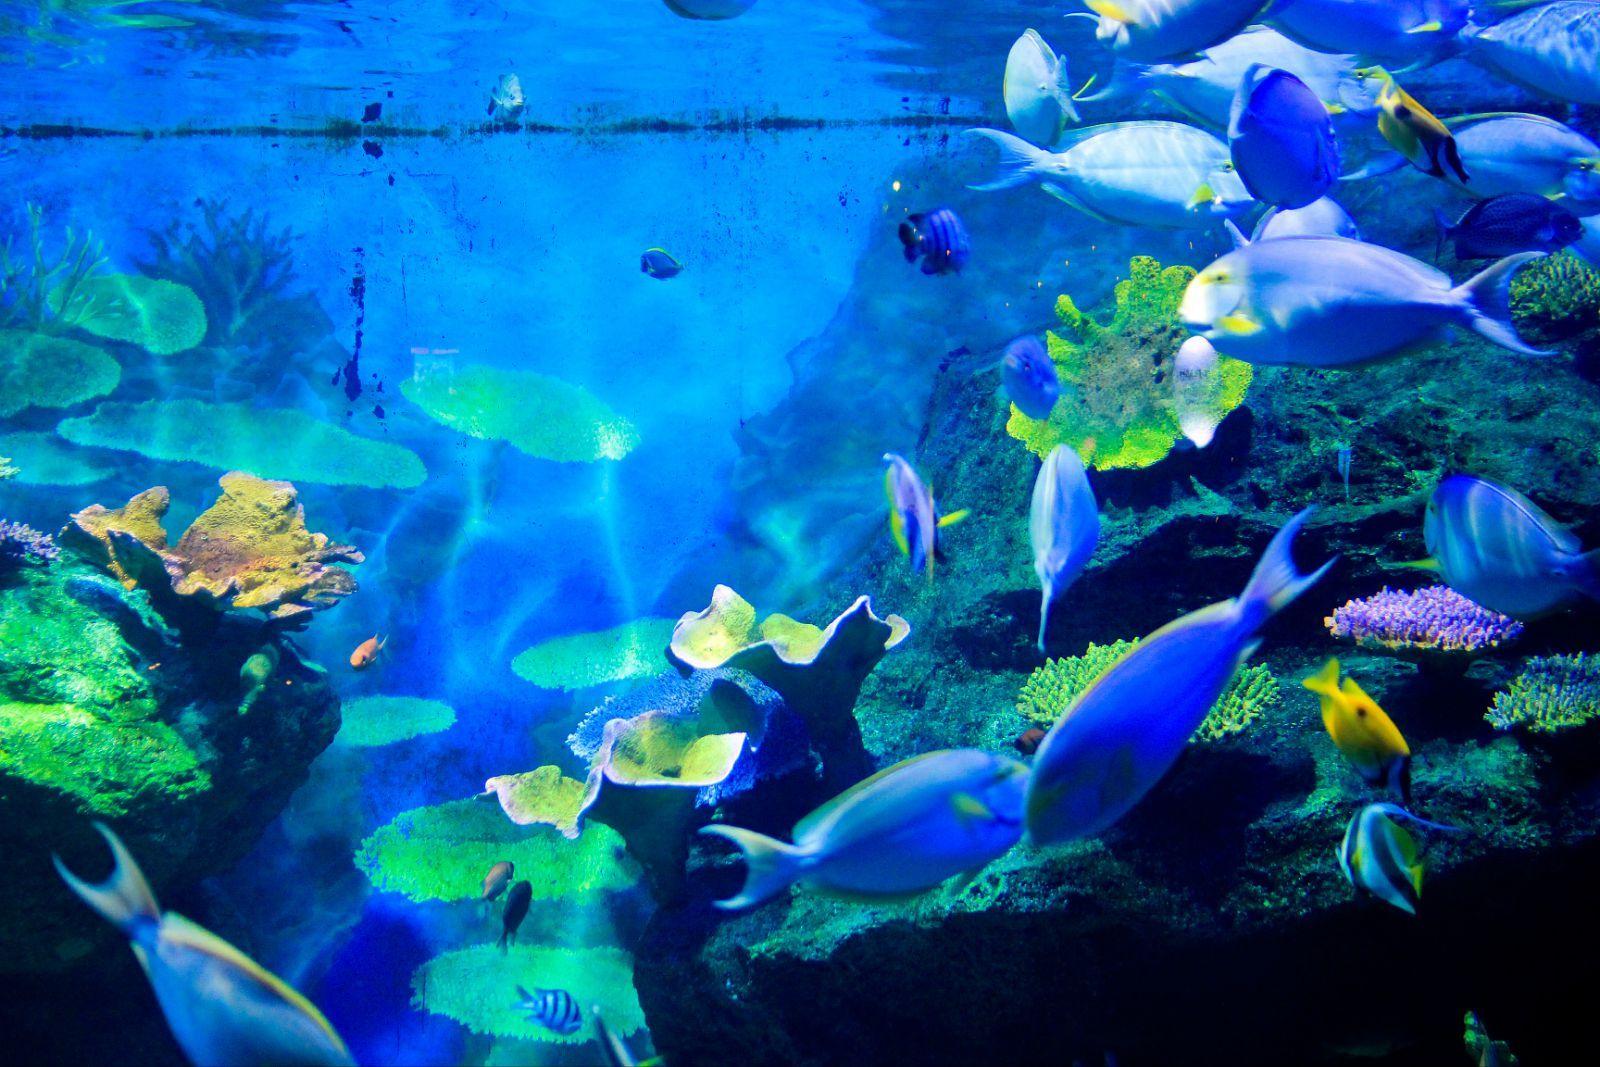 壁纸 海底 海底世界 海洋馆 水族馆 桌面 1600_1067